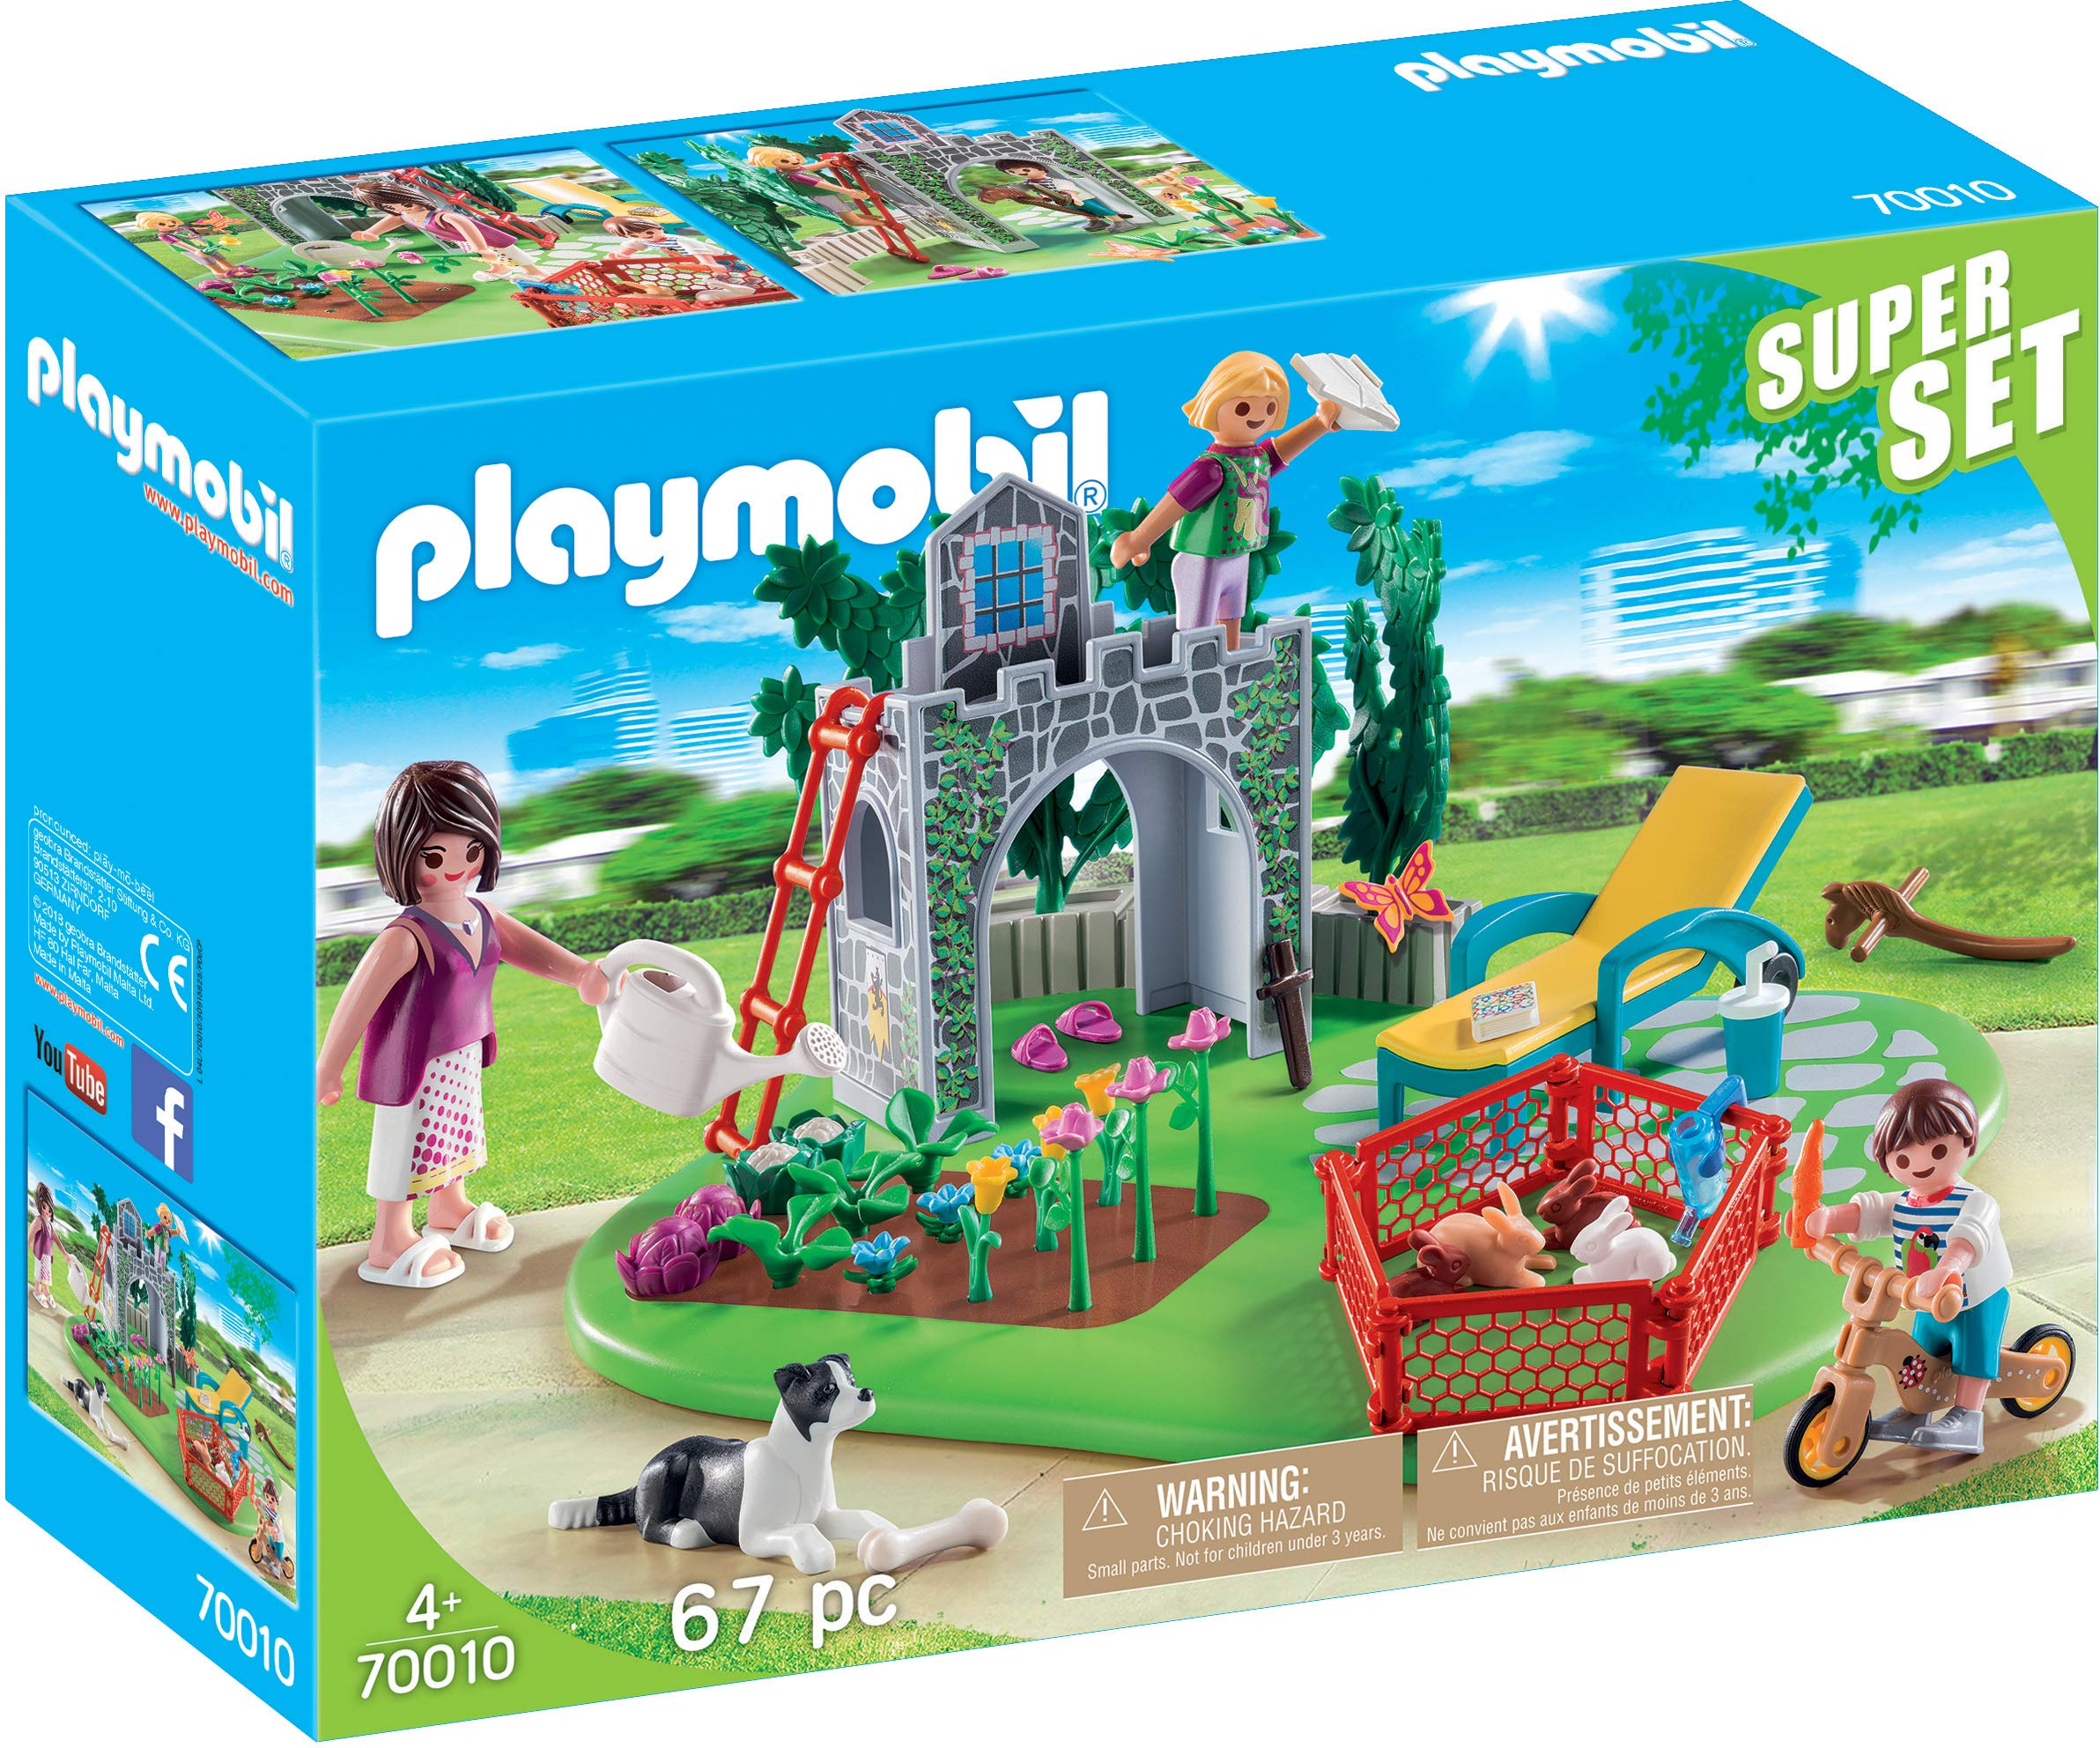 PLAYMOBIL PLAYMOBIL-70010 Super Set Familia jardín, Multicolor (70010): Amazon.es: Juguetes y juegos